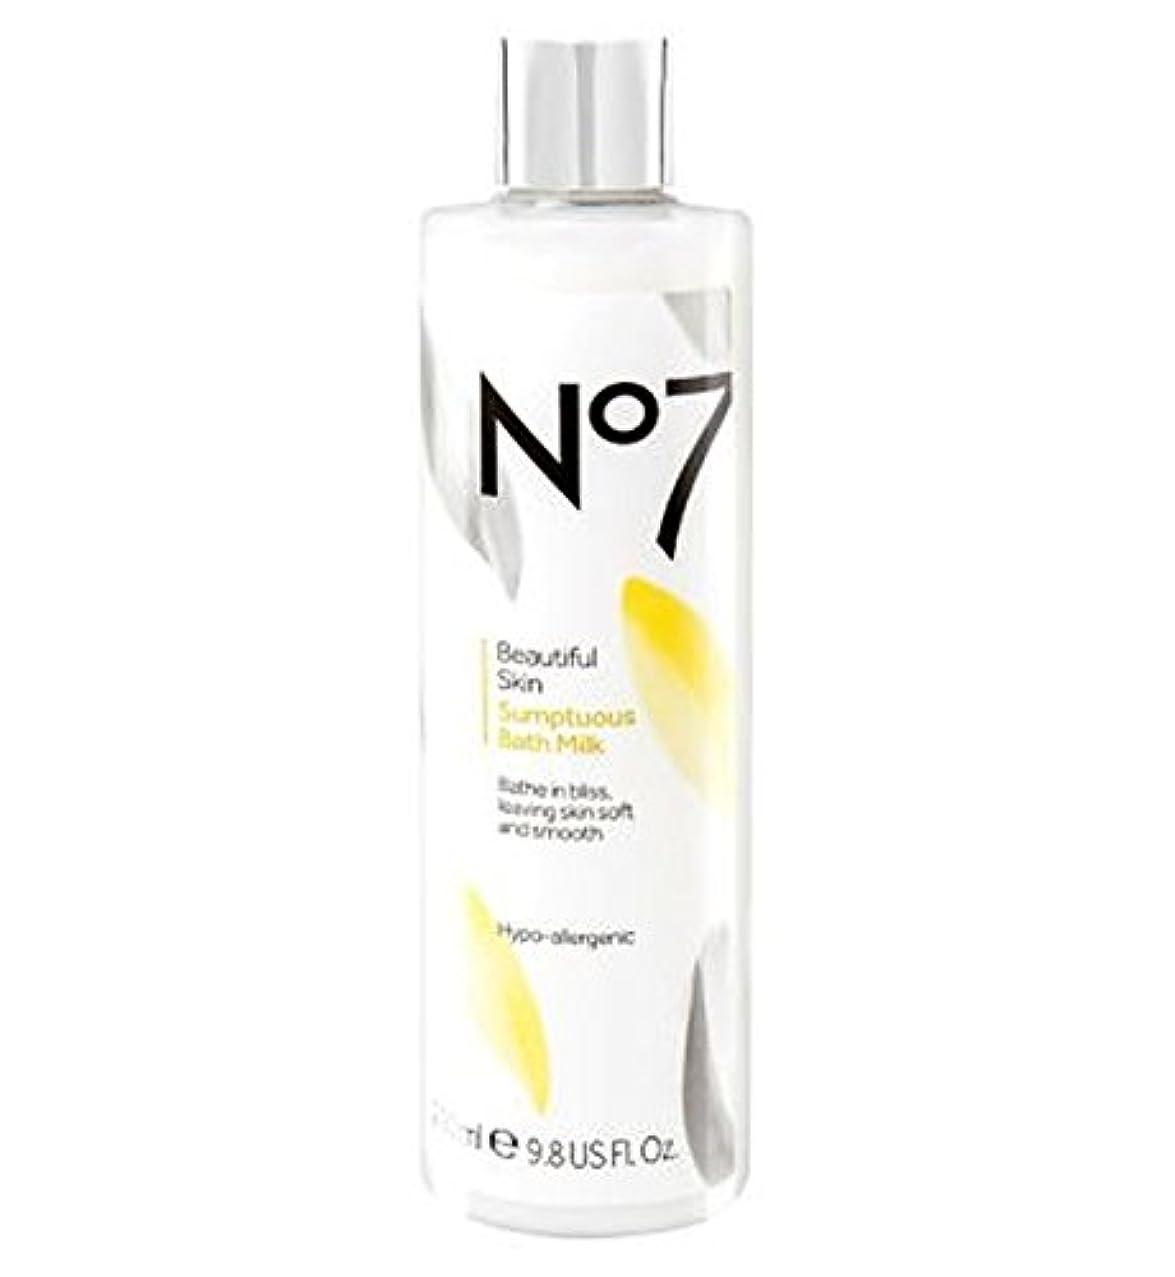 コンプリートタイマーポゴスティックジャンプNo7 Beautiful Skin Sumptuous Bath Milk - No7美しい肌豪華なバスミルク (No7) [並行輸入品]